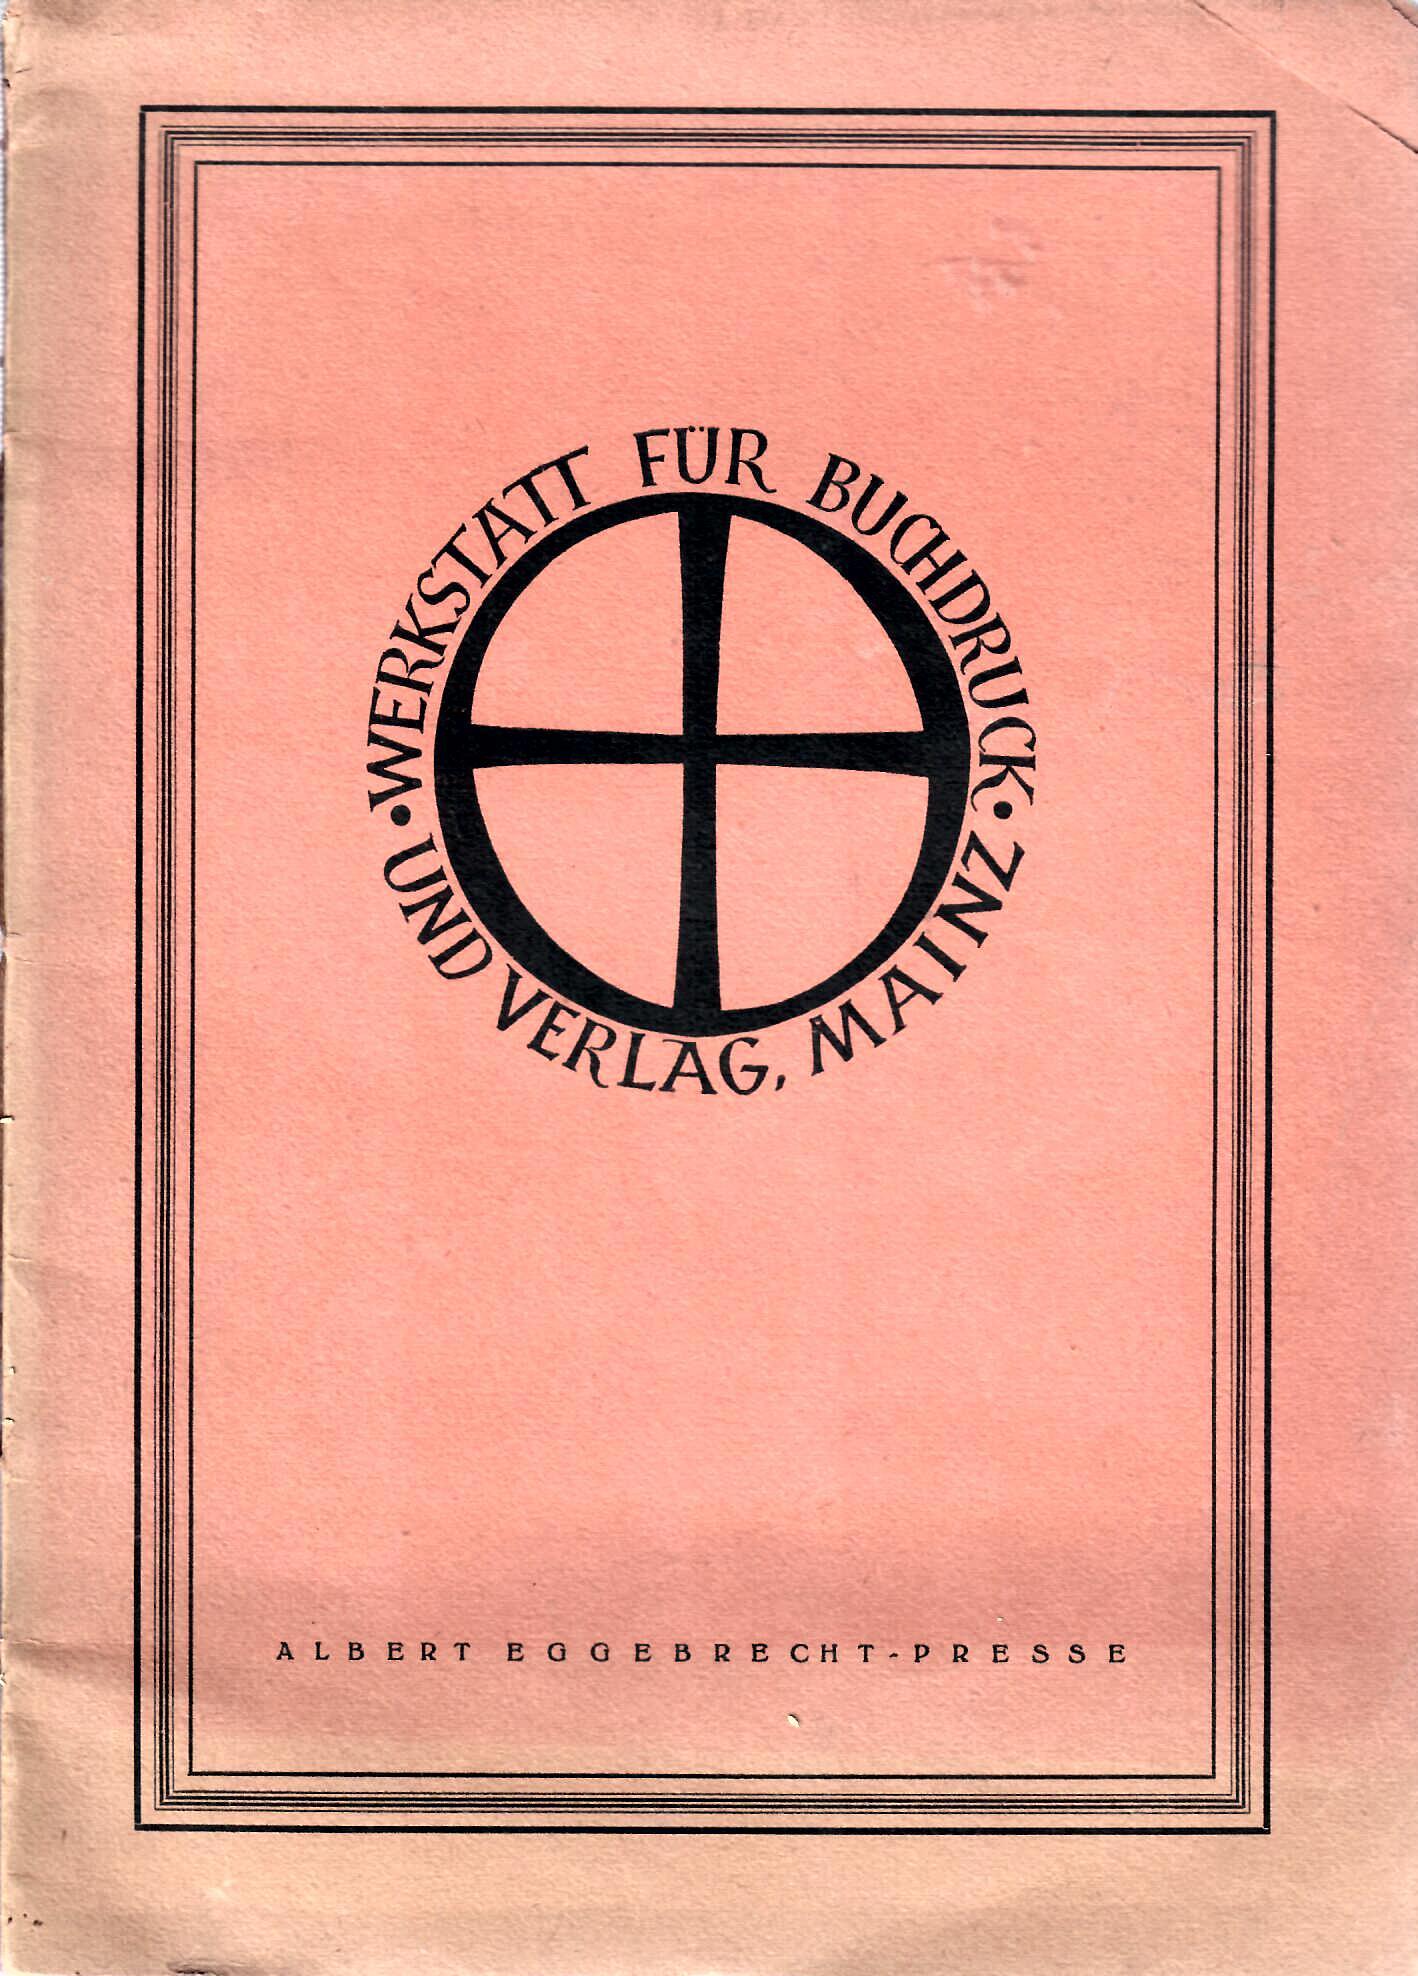 Werkstatt für Buchdruck und Verlag Mainz : Sortimentsübersicht : Albert Eggebrecht-Presse : vermutlich 1905 :